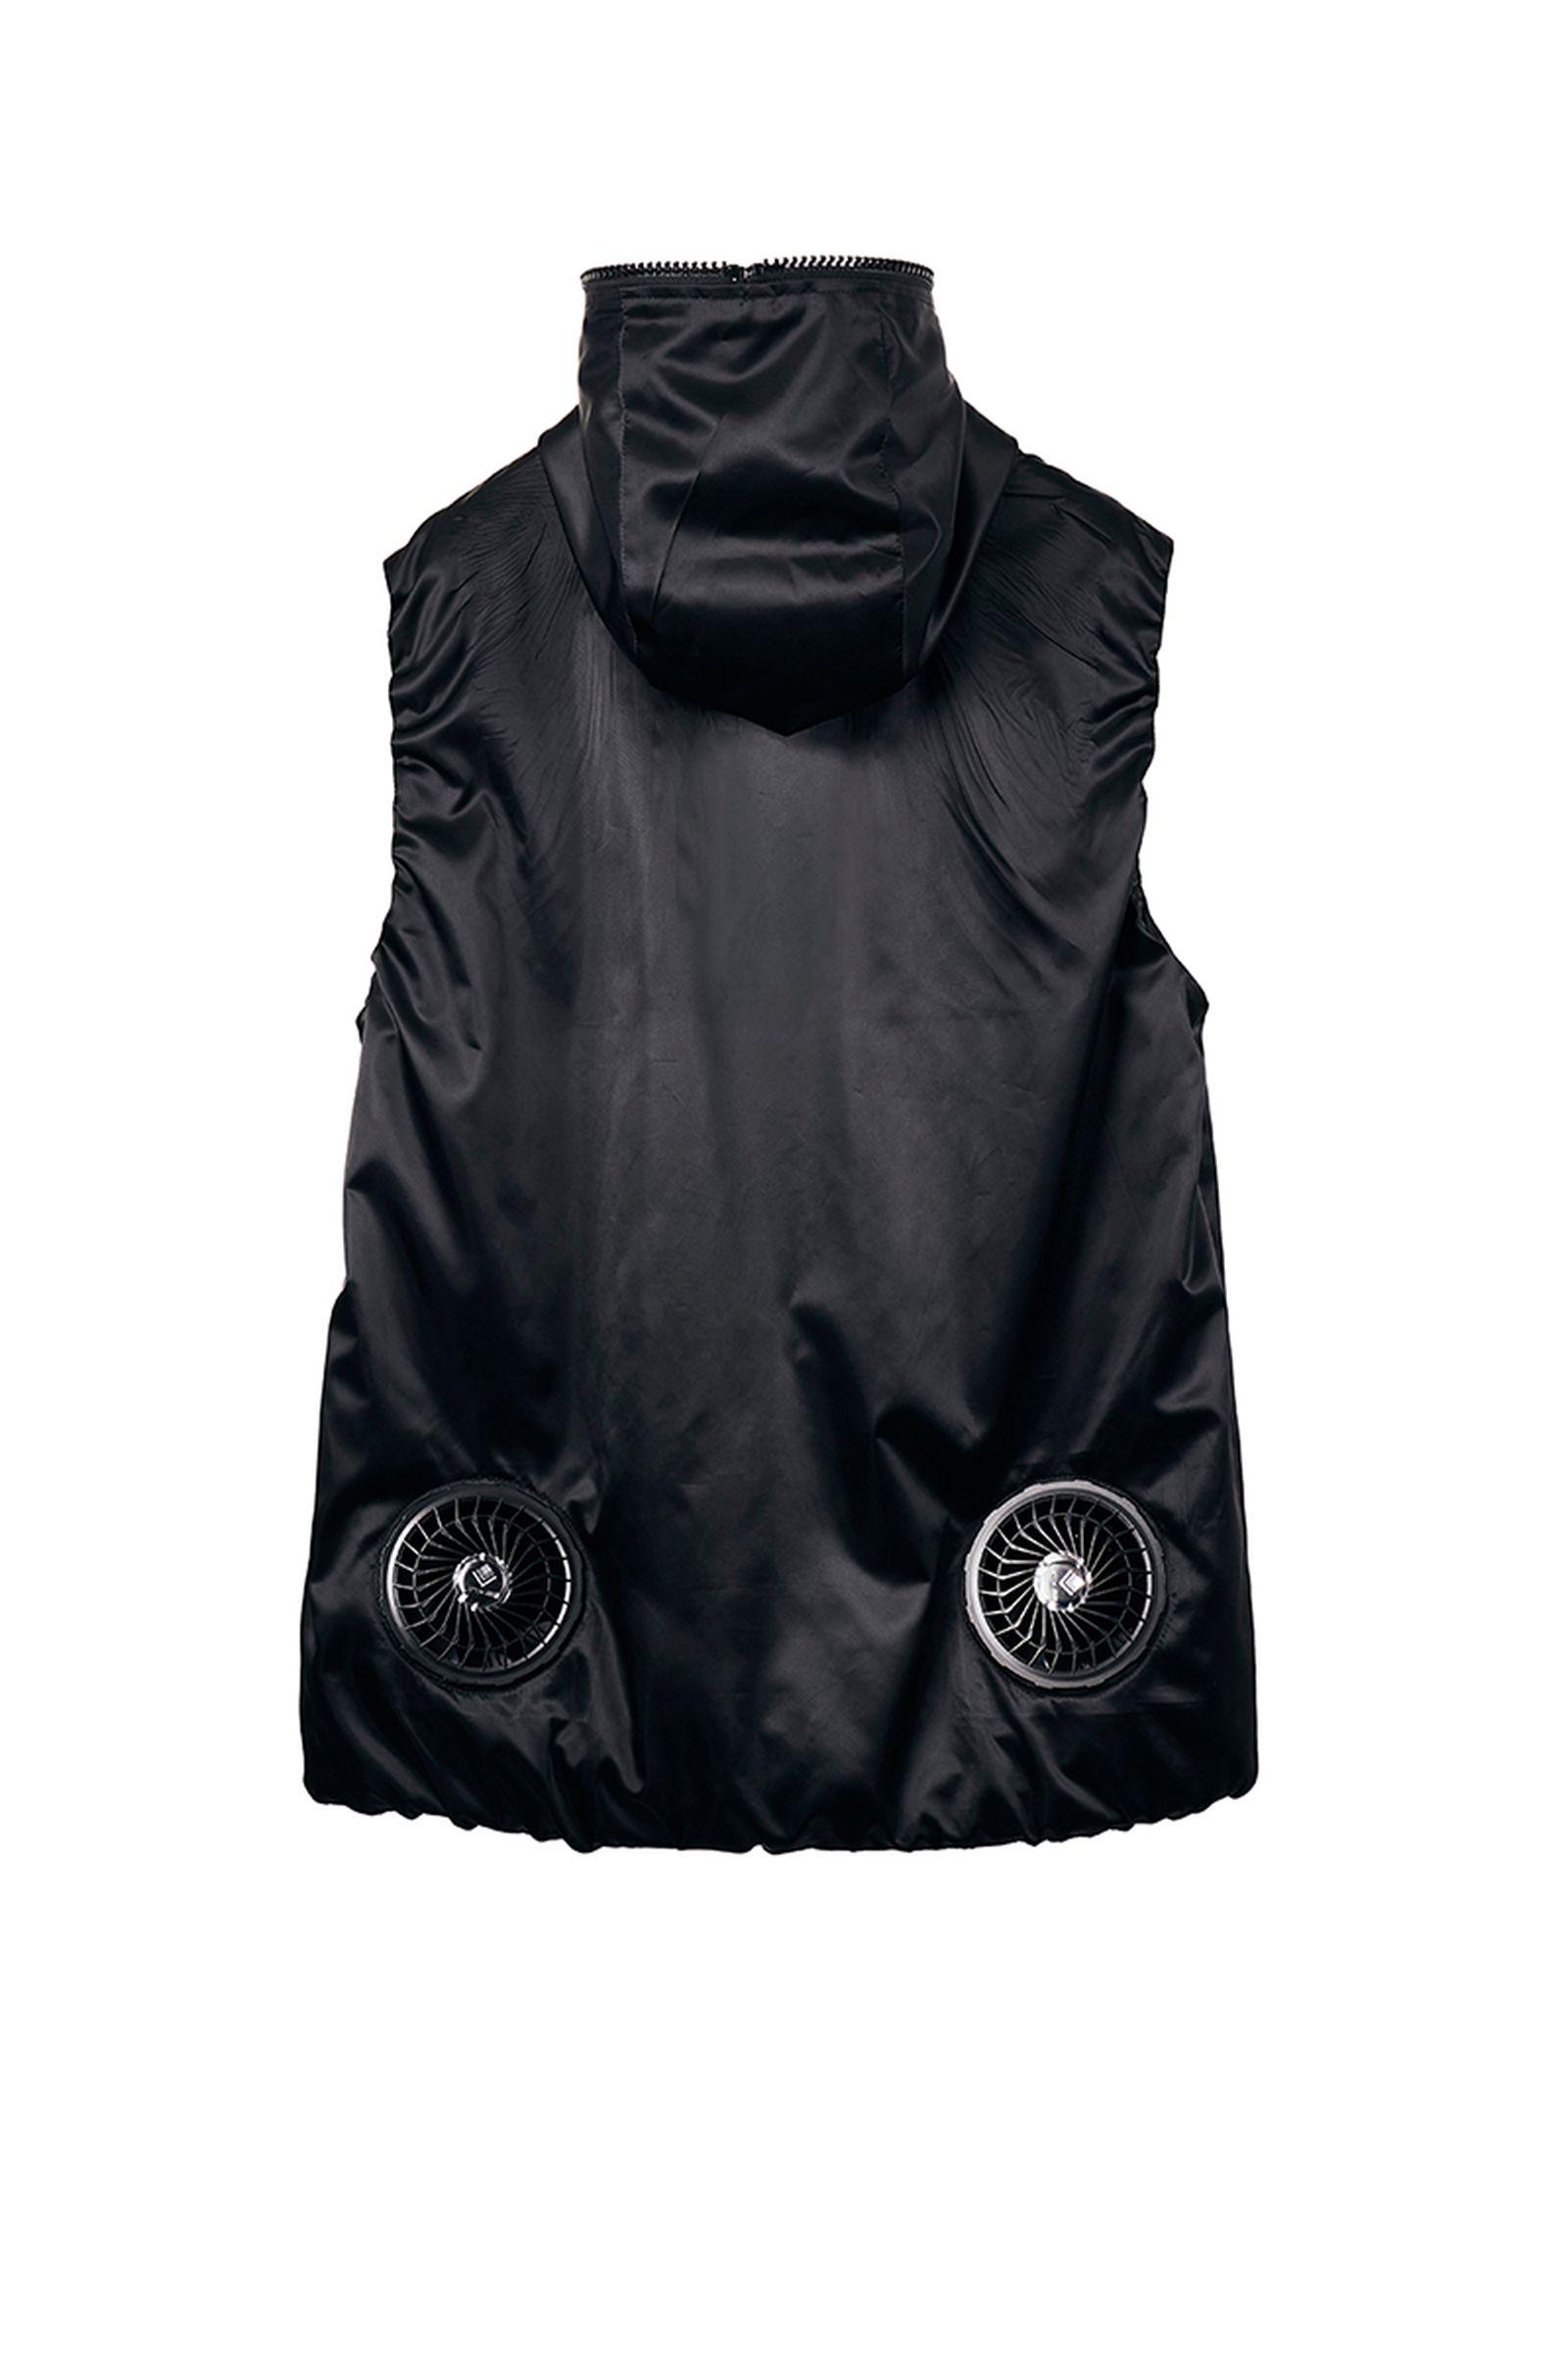 taiga liona fan cooled clothing (12)